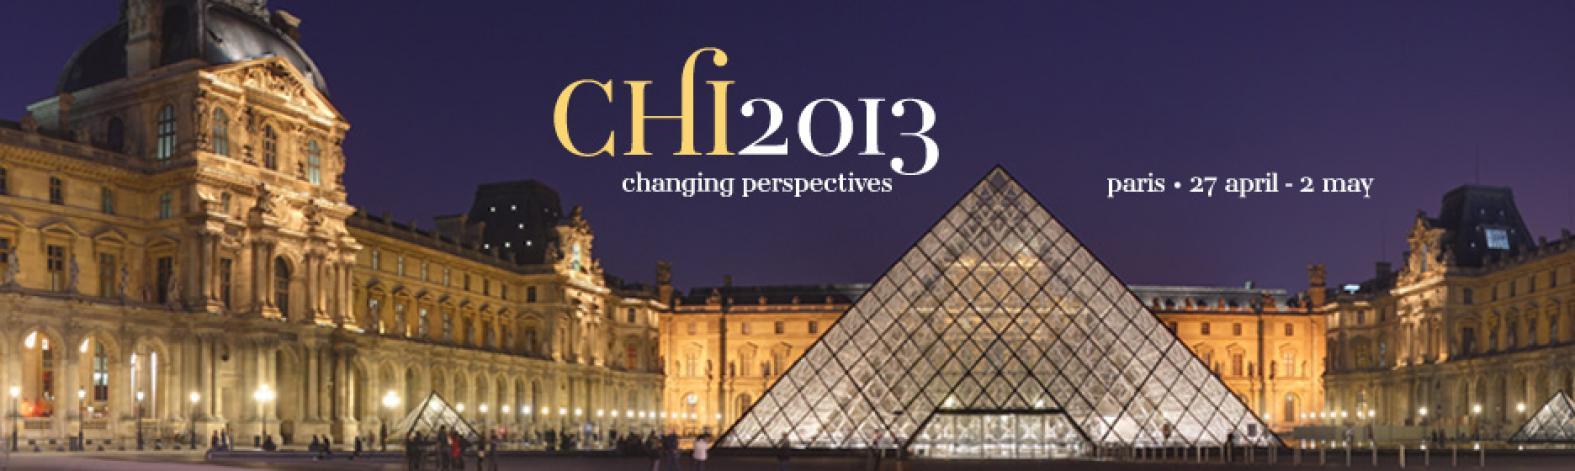 chi2013-banner.jpg